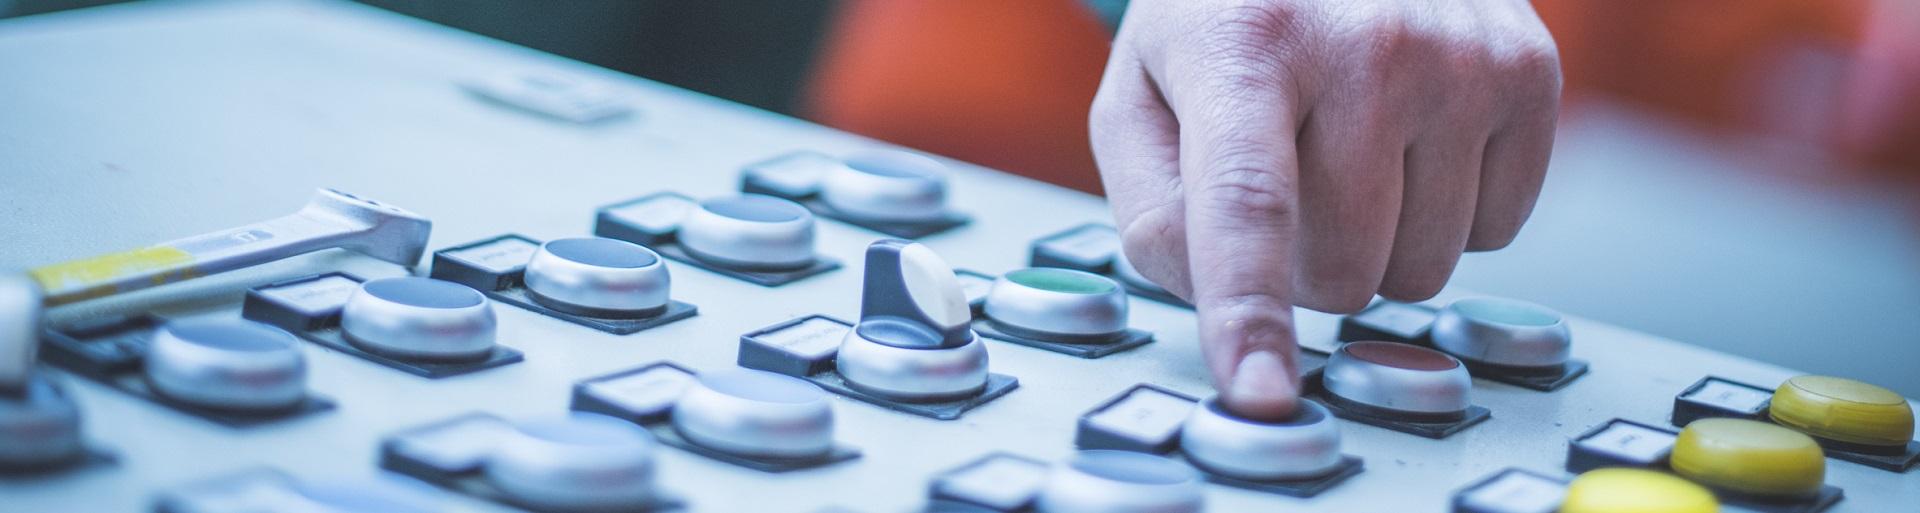 Waarom maatwerk ERP software een risico is voor je maakbedrijf